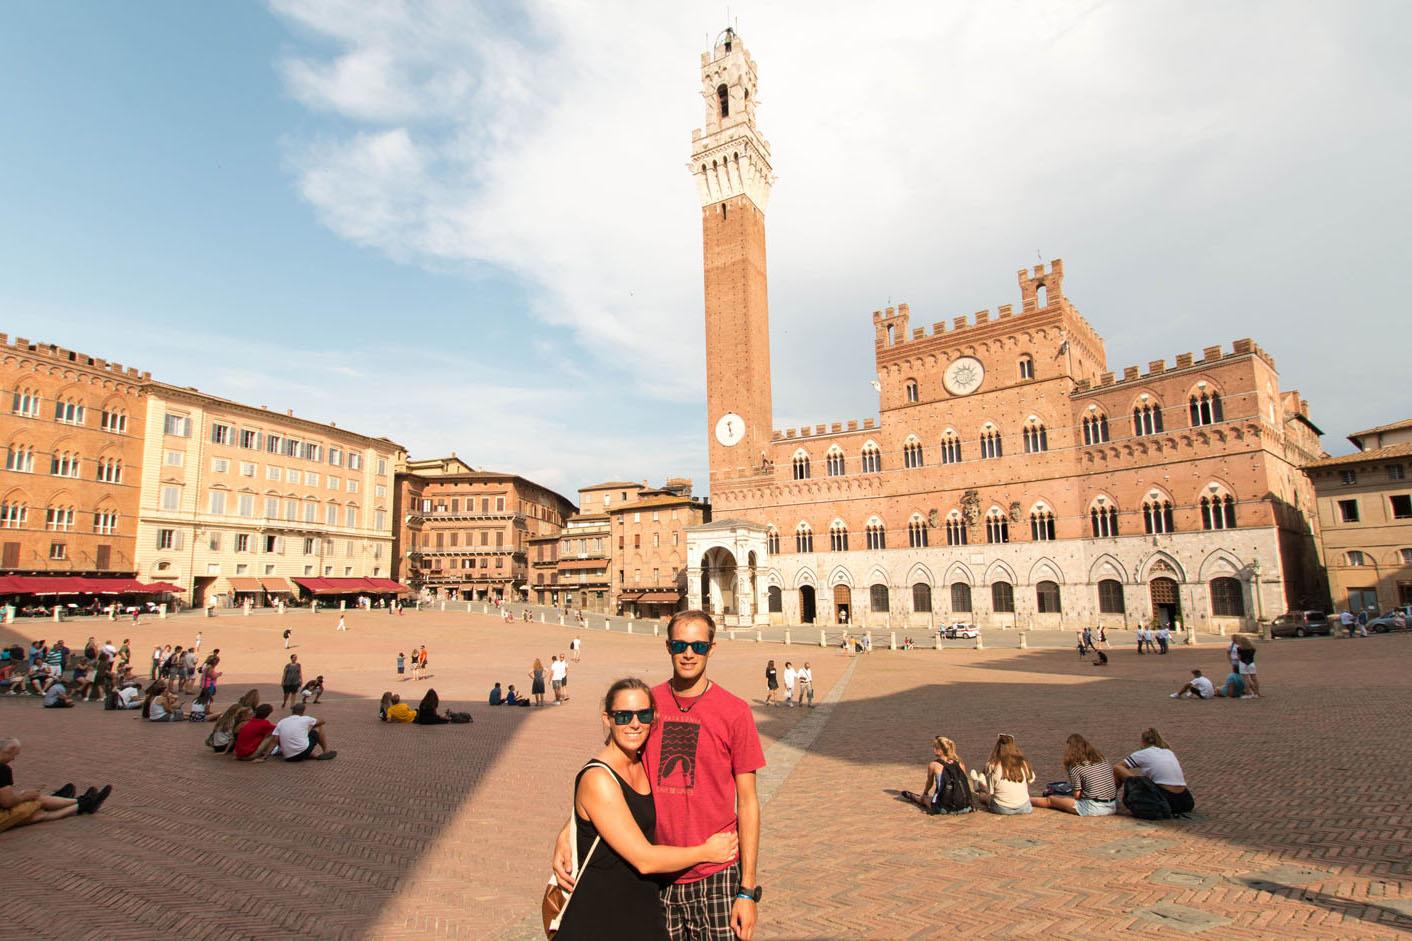 Palazzo Pubblico auf der Piazza del Campo